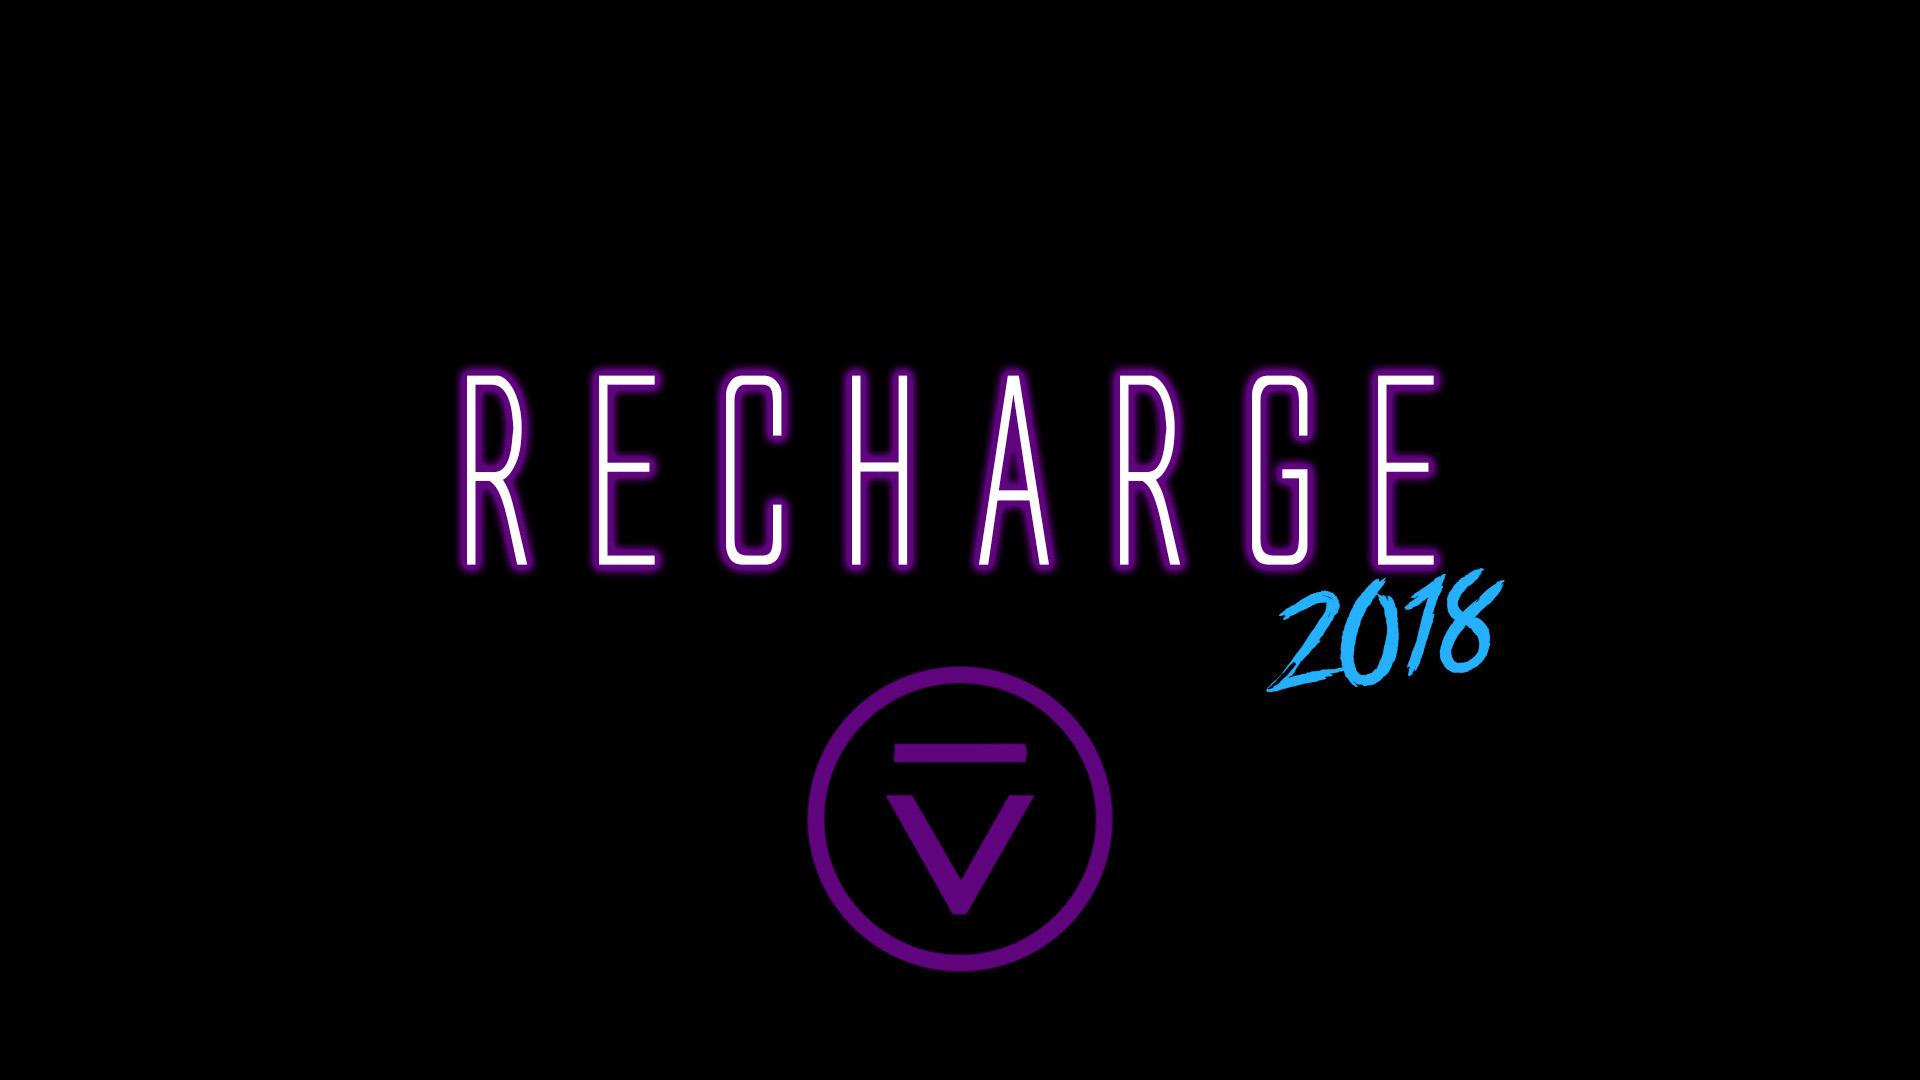 recharge2018_logo_slide_rev1.jpg